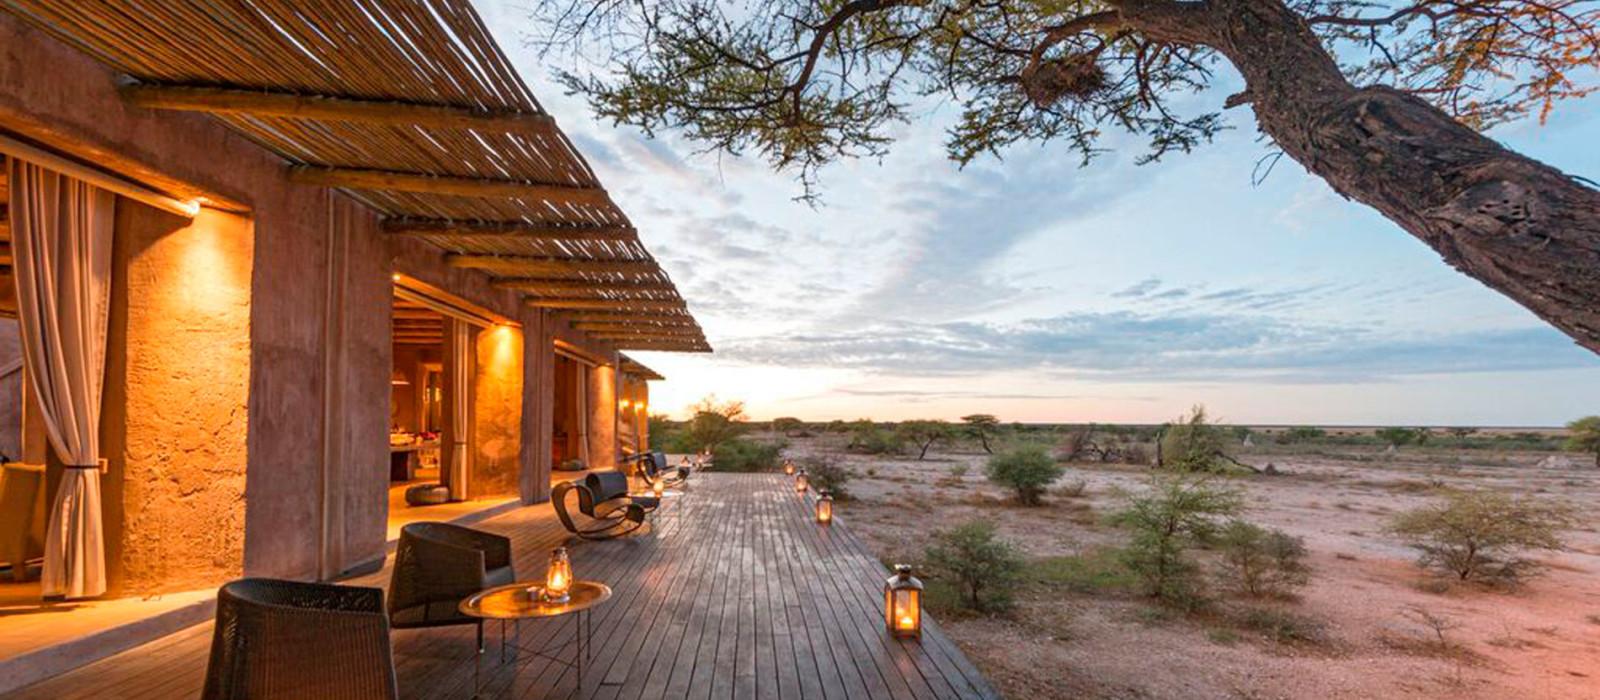 Hotel Onguma The Fort Namibia